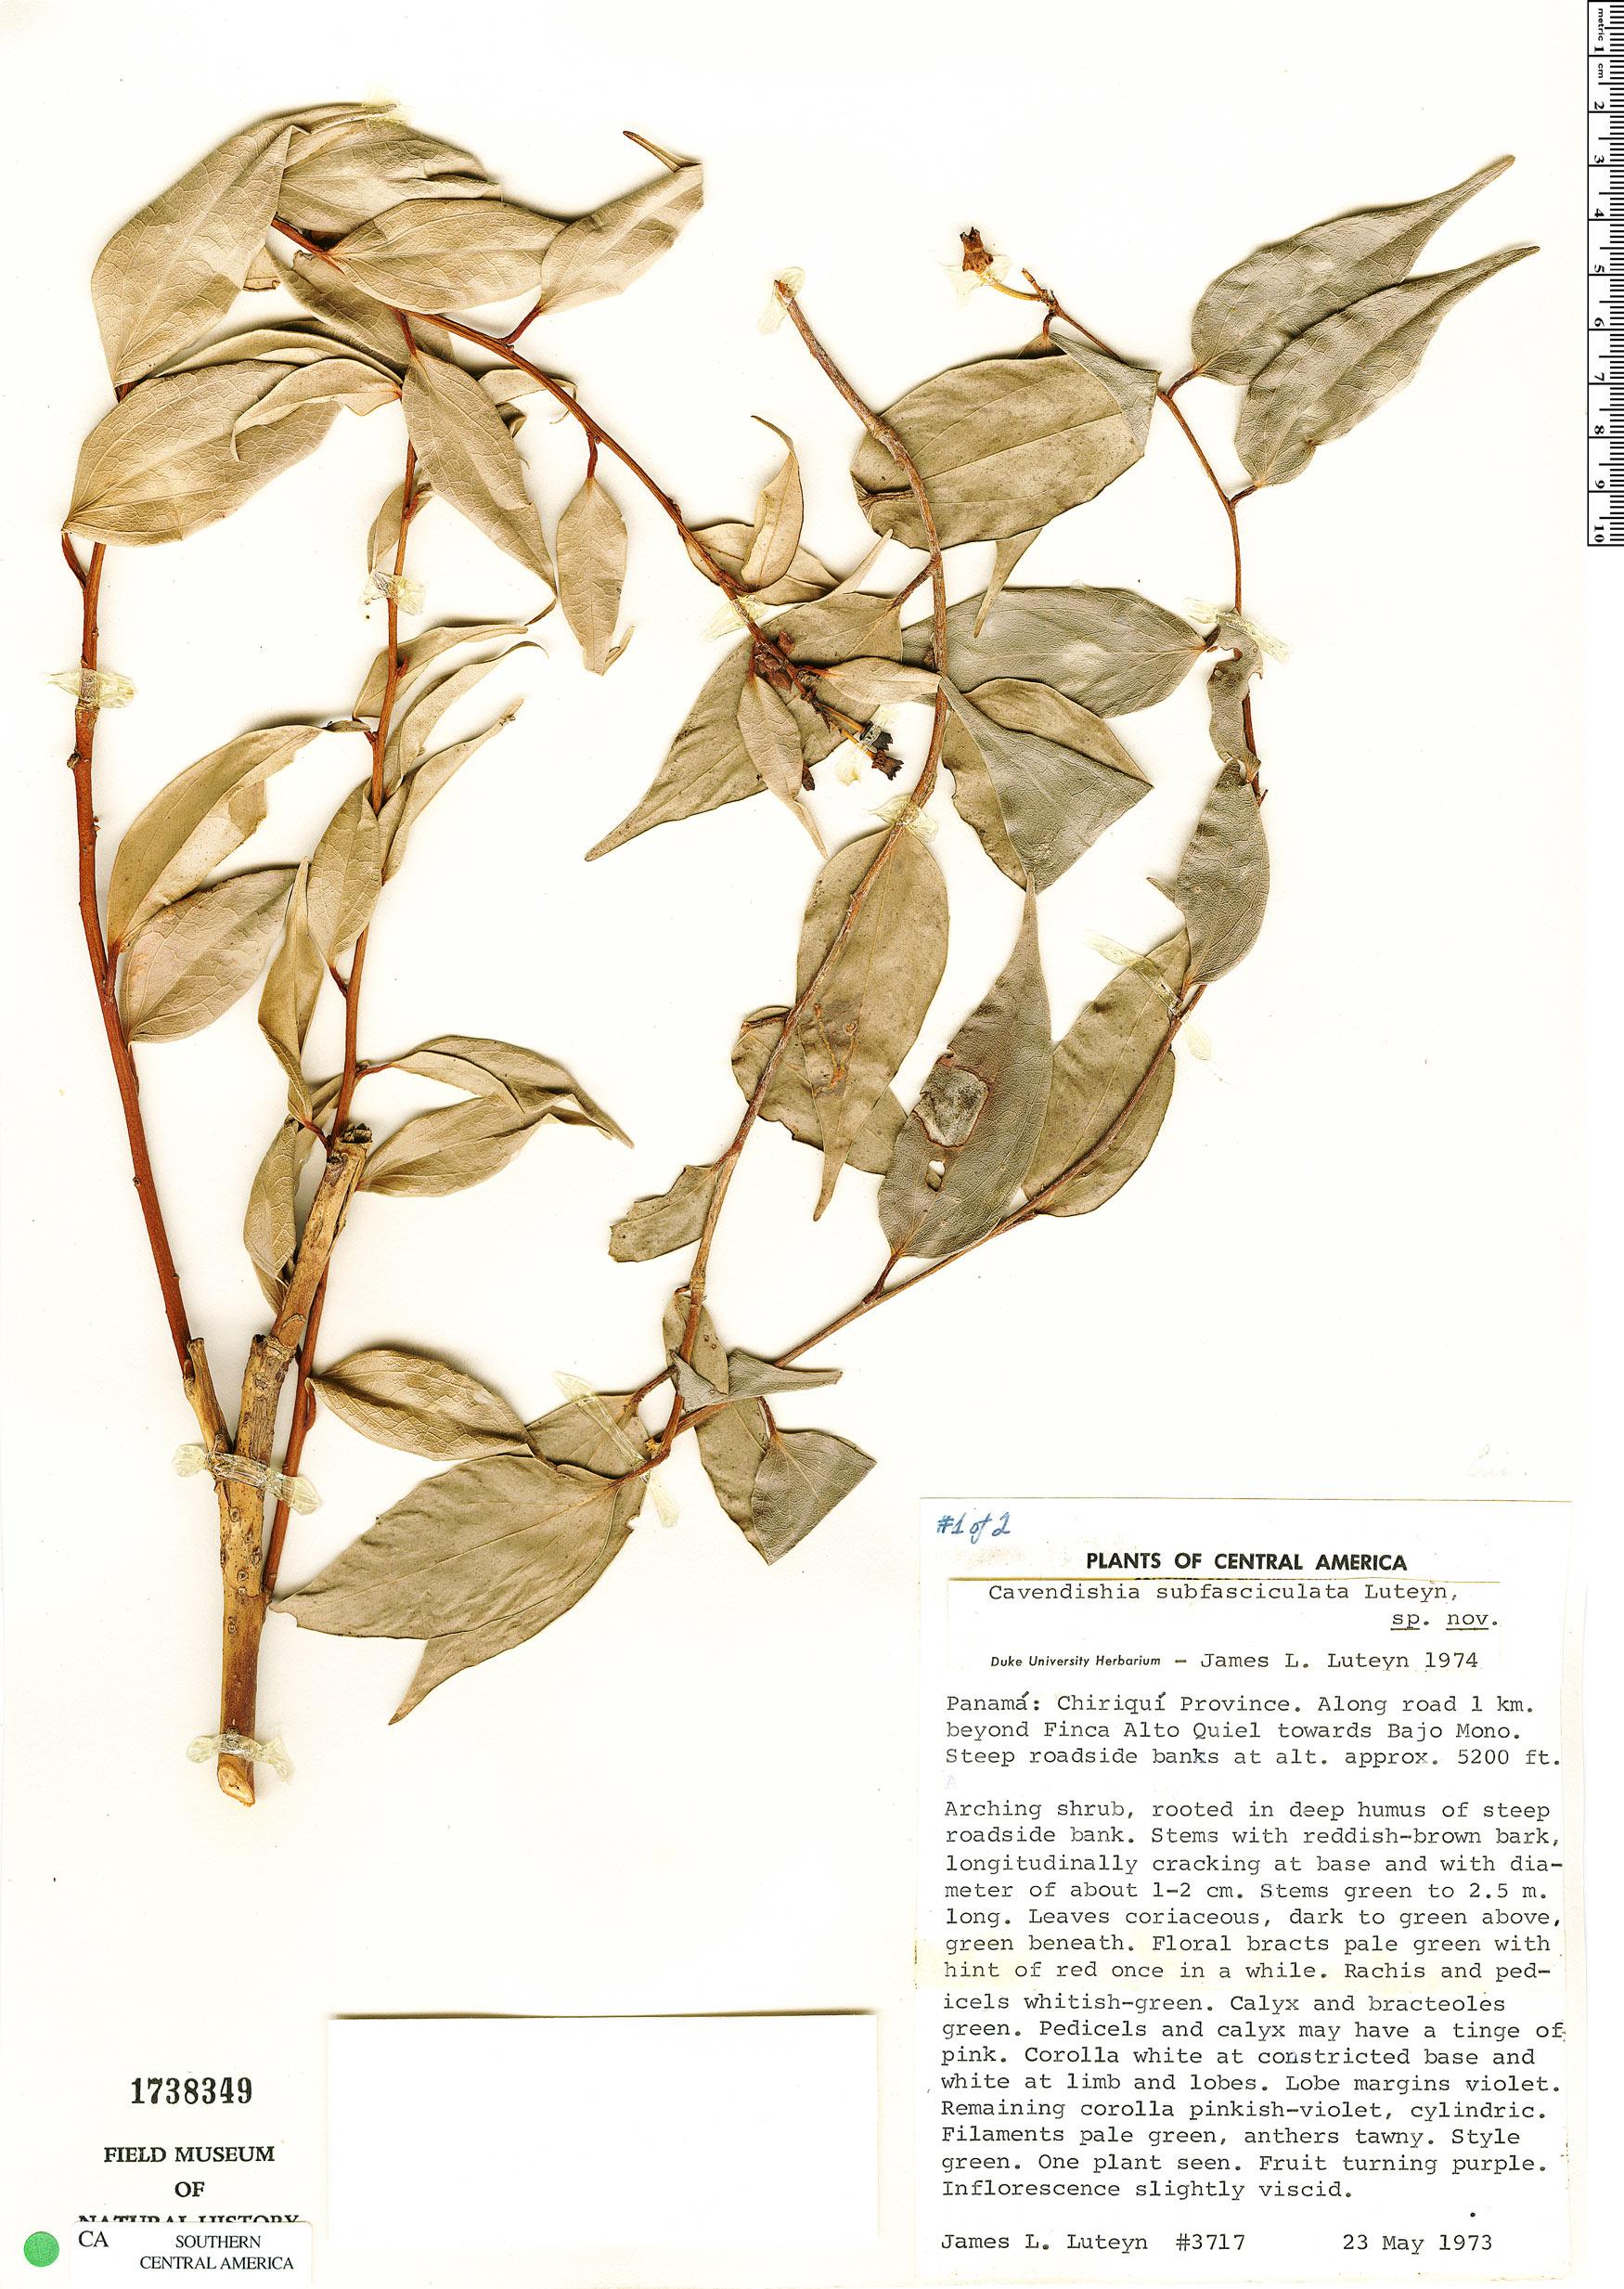 Specimen: Cavendishia subfasciculata